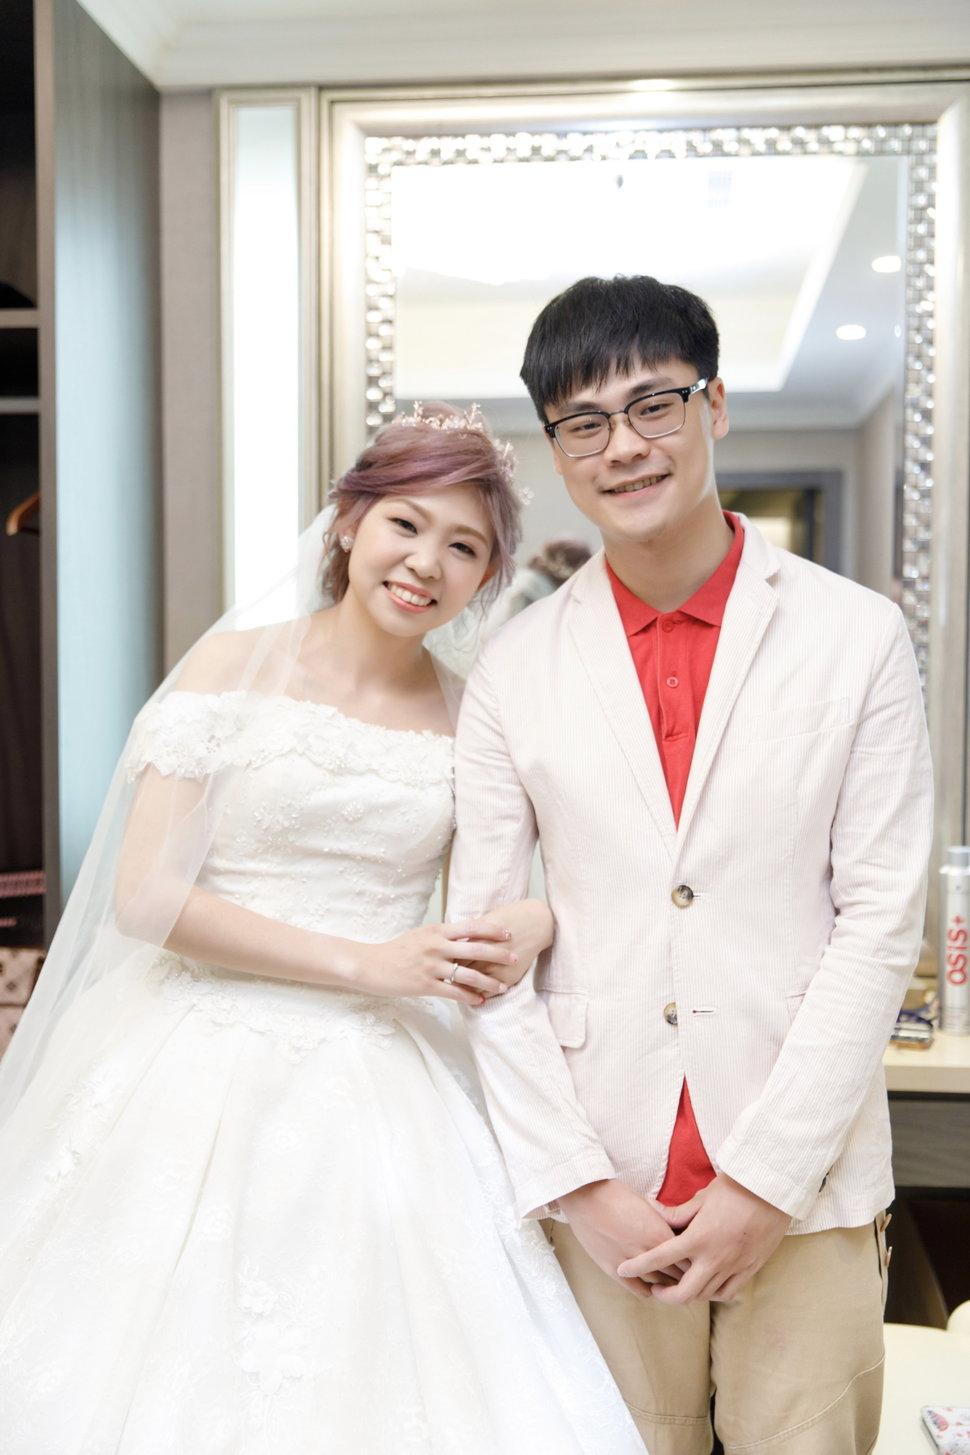 183 - 小夫妻婚攝《結婚吧》